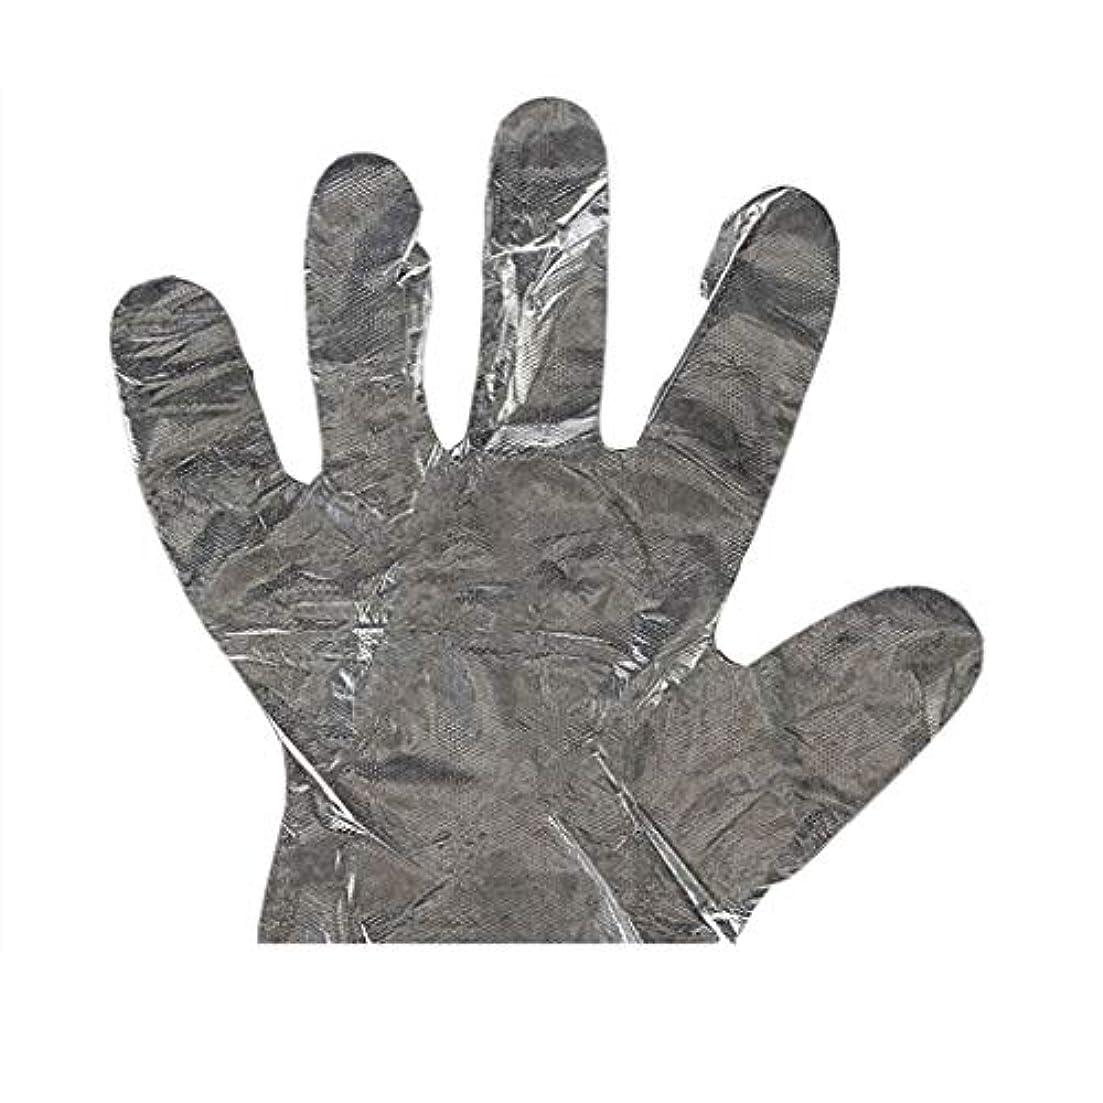 弓累計憧れ手袋の使い捨て手袋PEの衛生的な食糧手袋100パッケージ